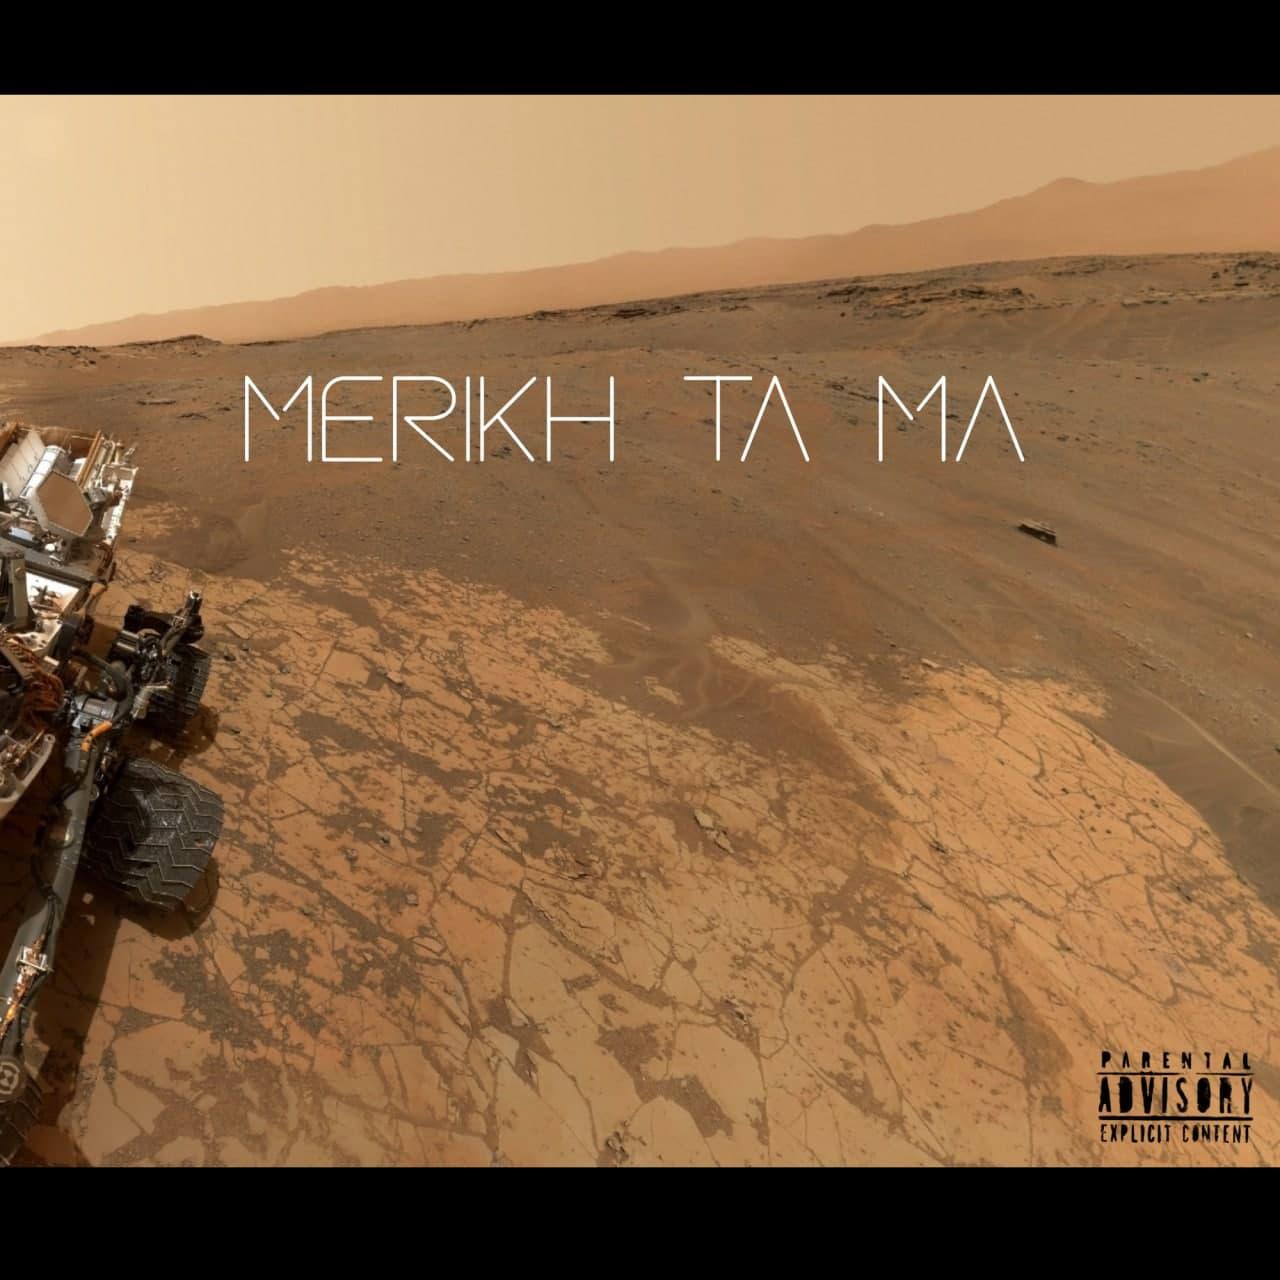 دانلود آهنگ مریخ تا ما  اِی و لامسه و یانگ مو